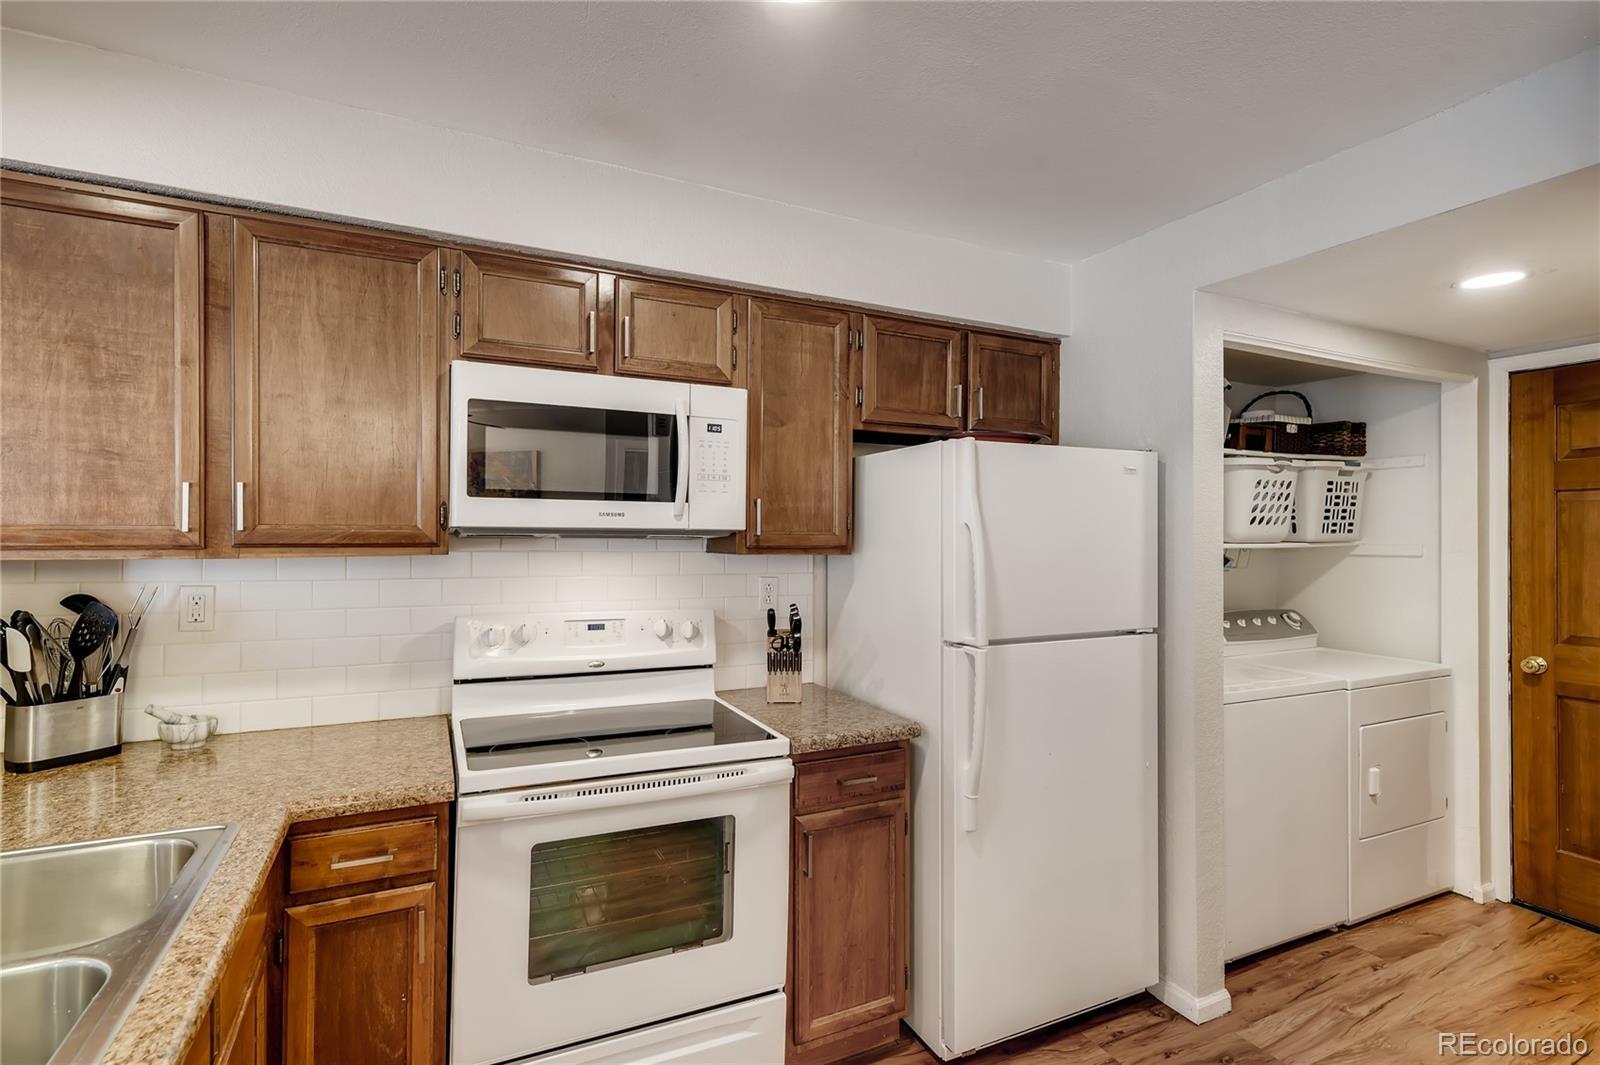 MLS# 2286573 - 6 - 836 S Vance Street #A, Lakewood, CO 80226